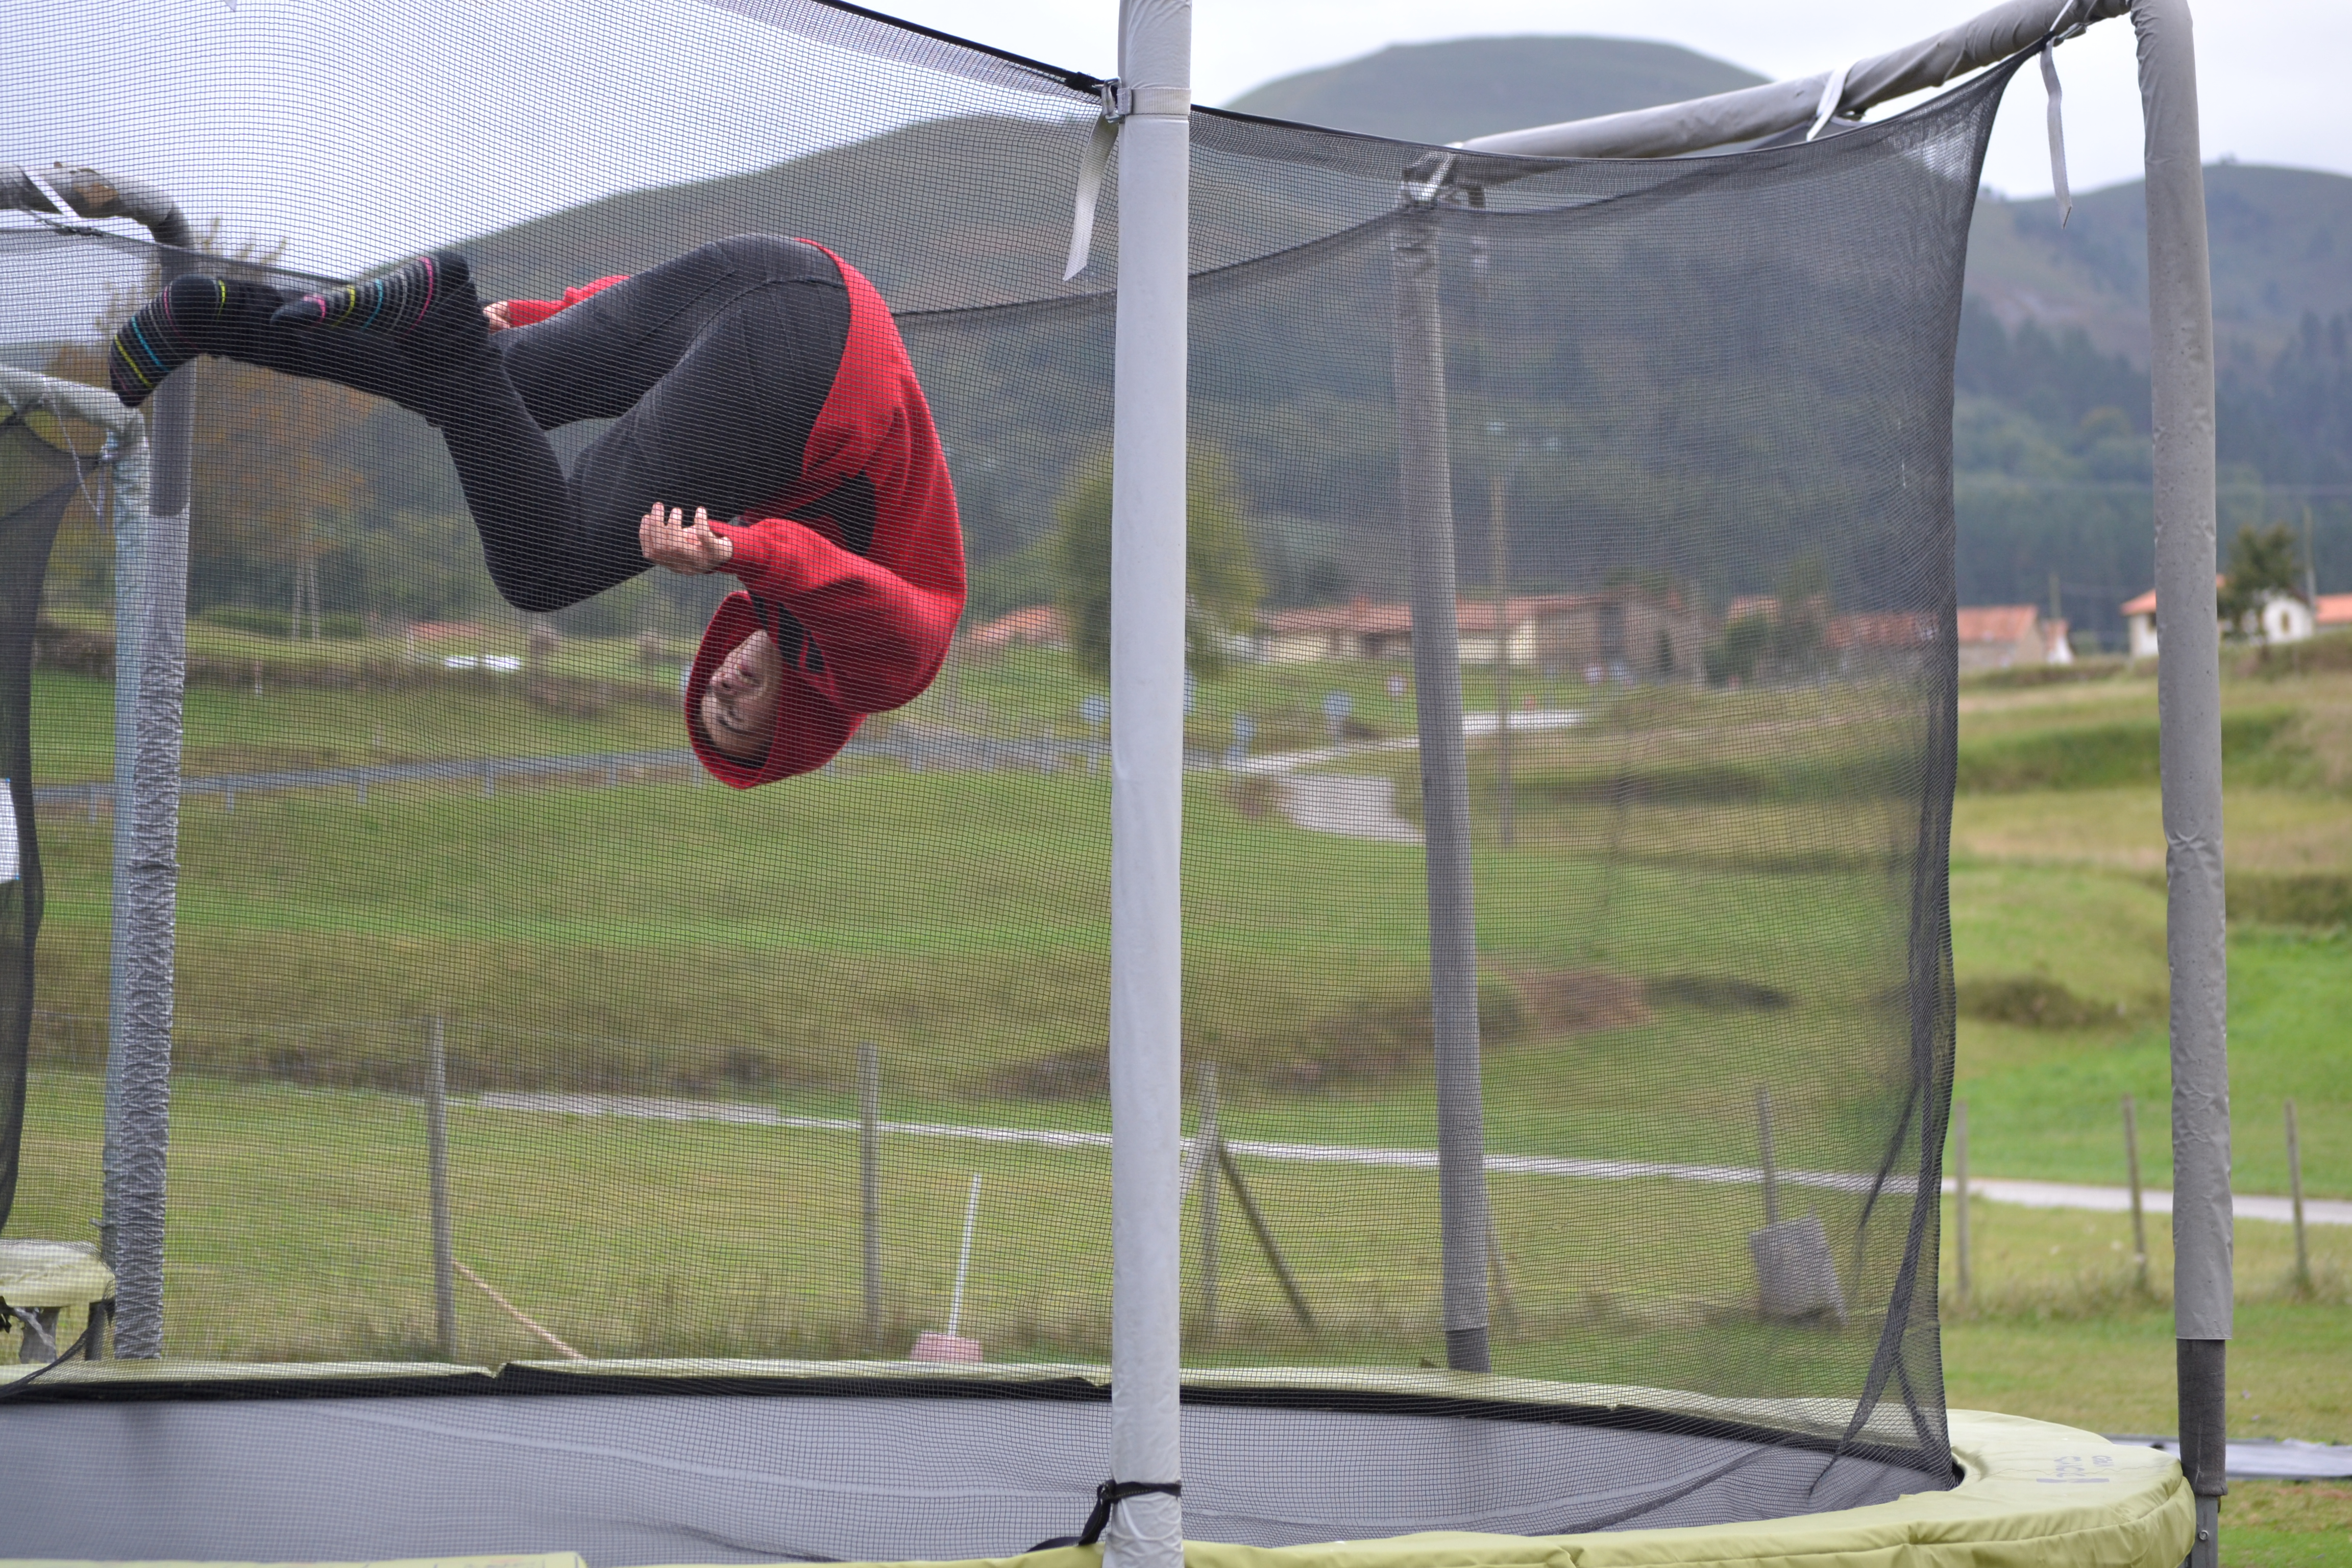 camas_elásticas_3_Cantabria_Parque_multiaventura_ocio_juegos_cabuerniaventura